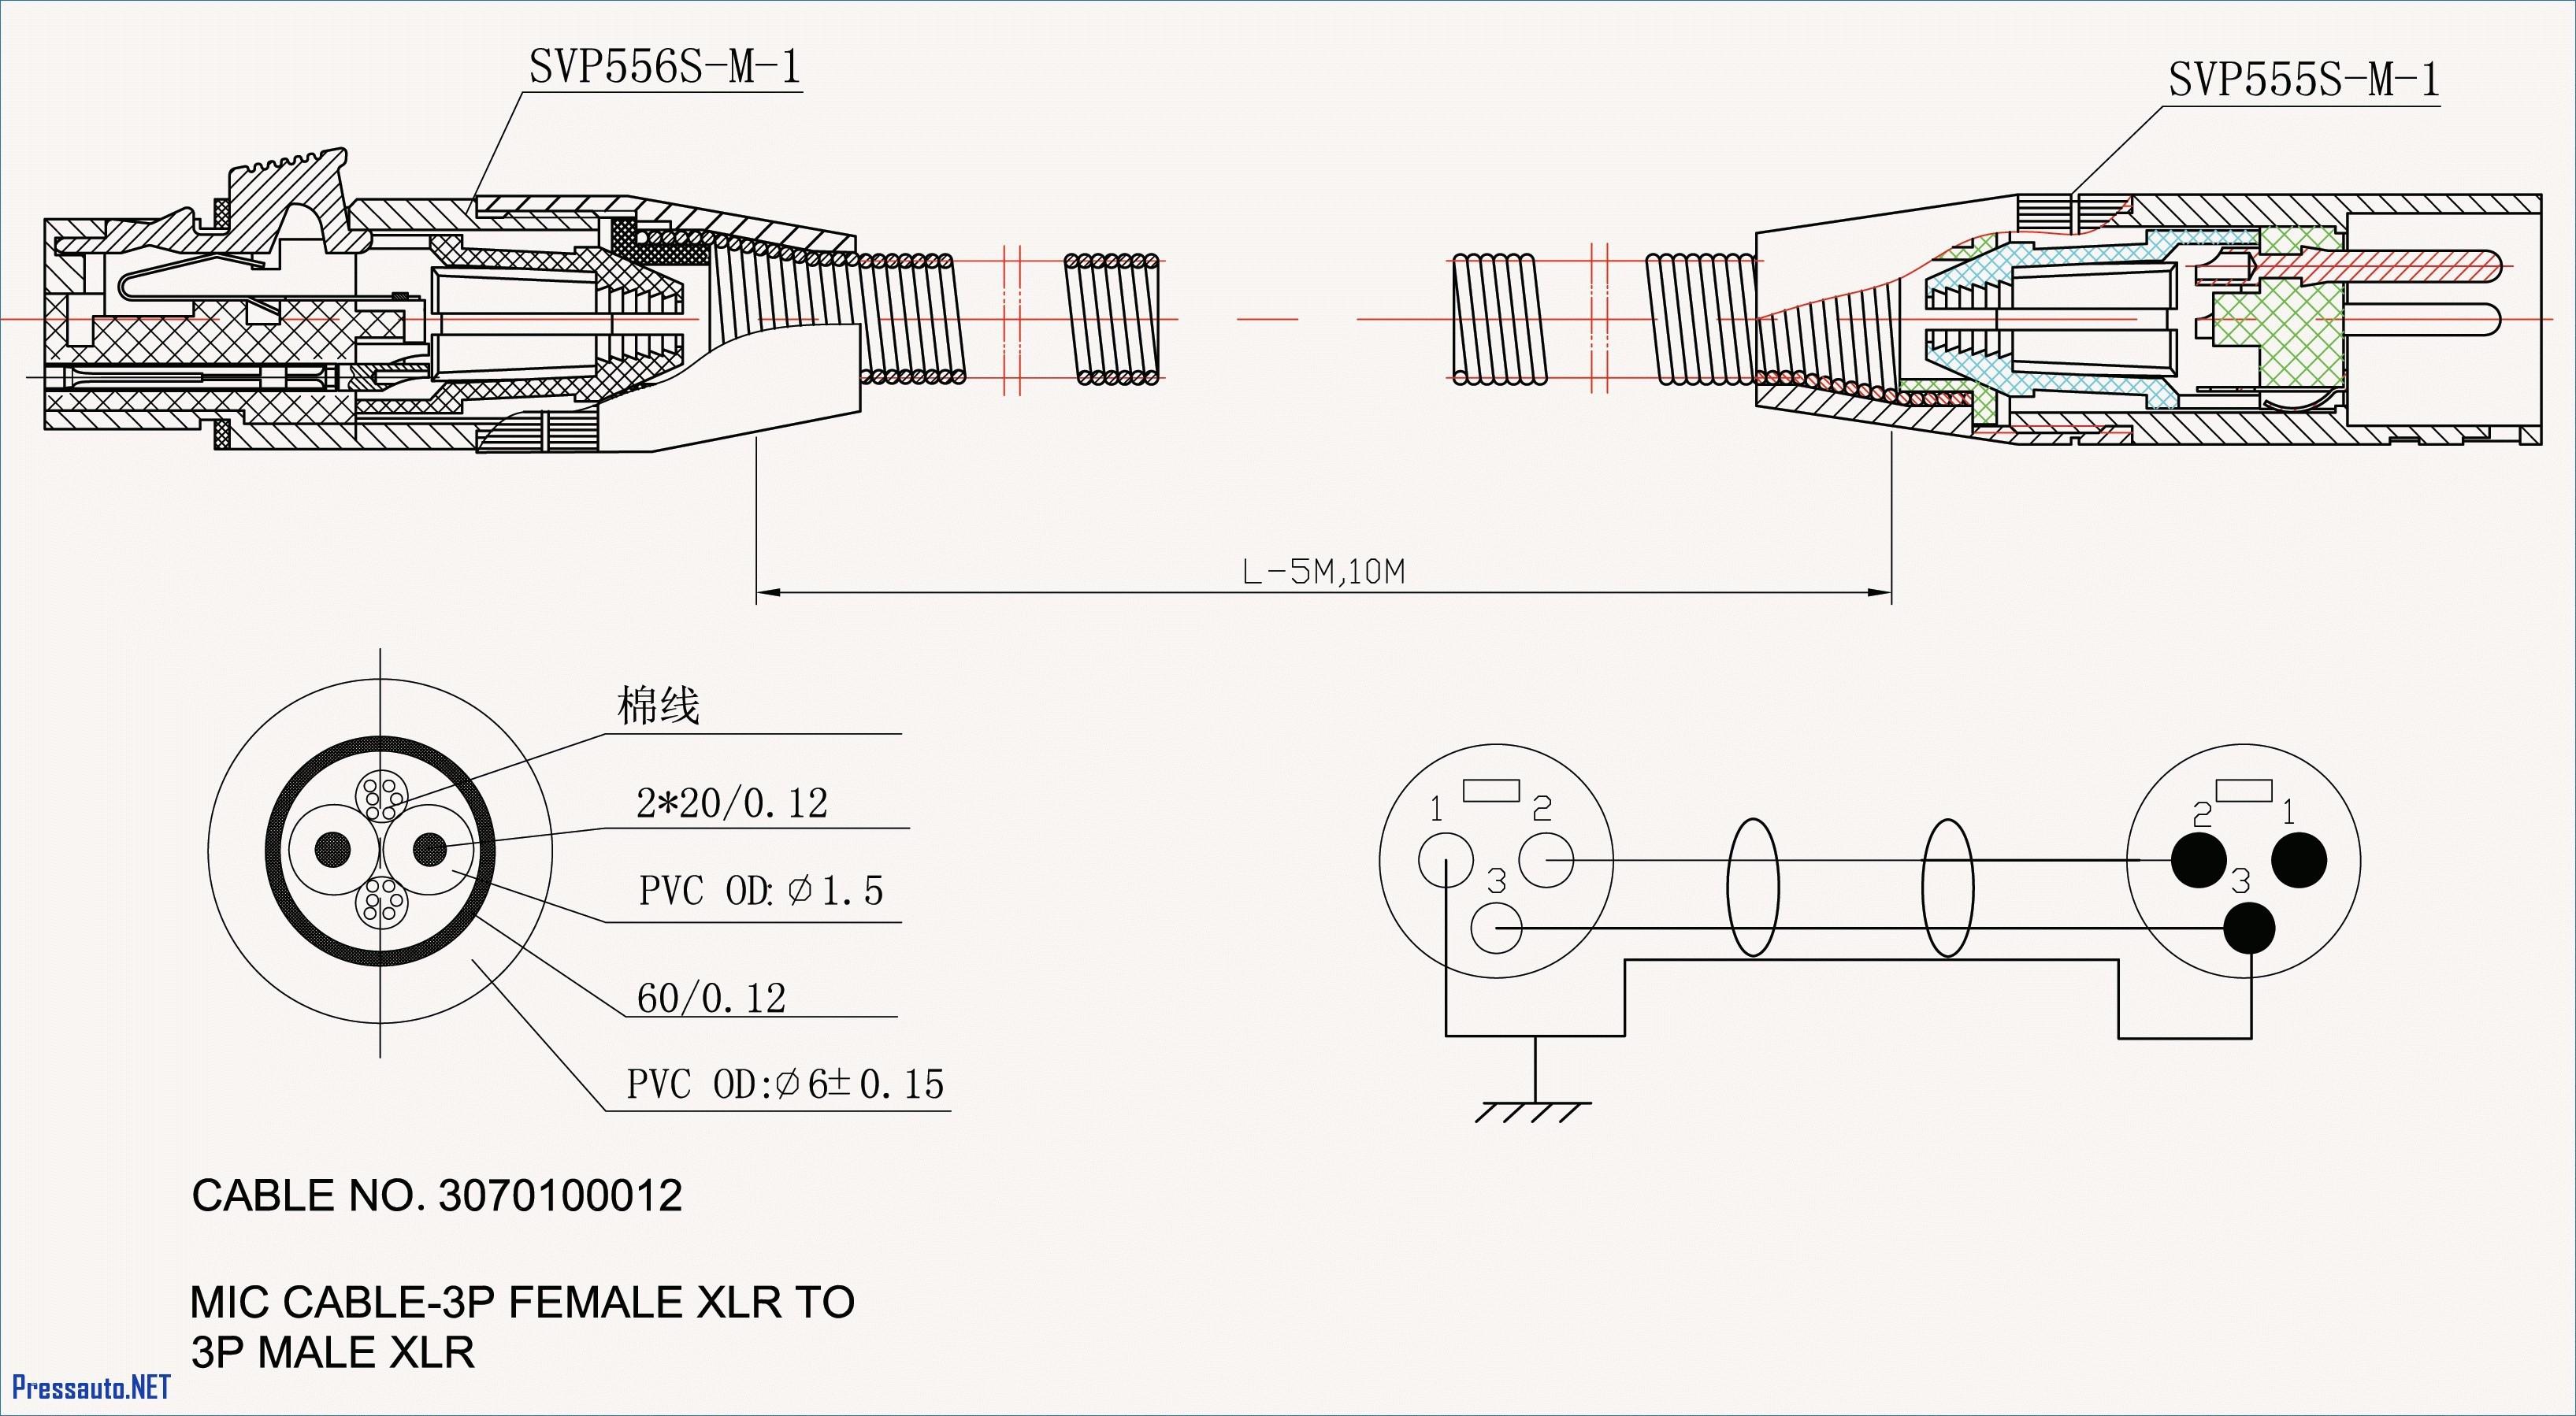 Gentex 313    Wiring       Diagram    Awesome      Wiring       Diagram    Image